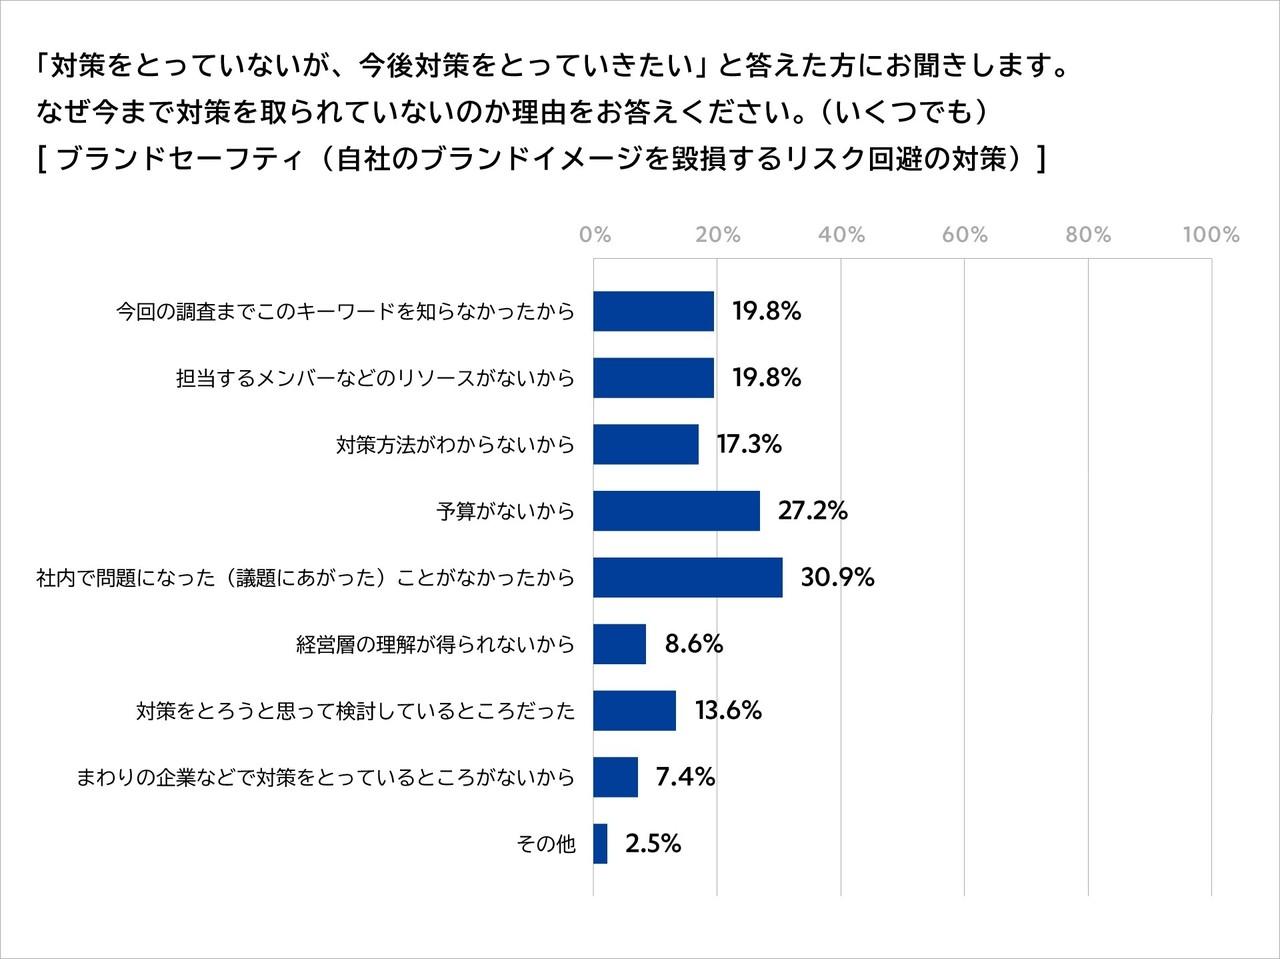 グラフG (1)